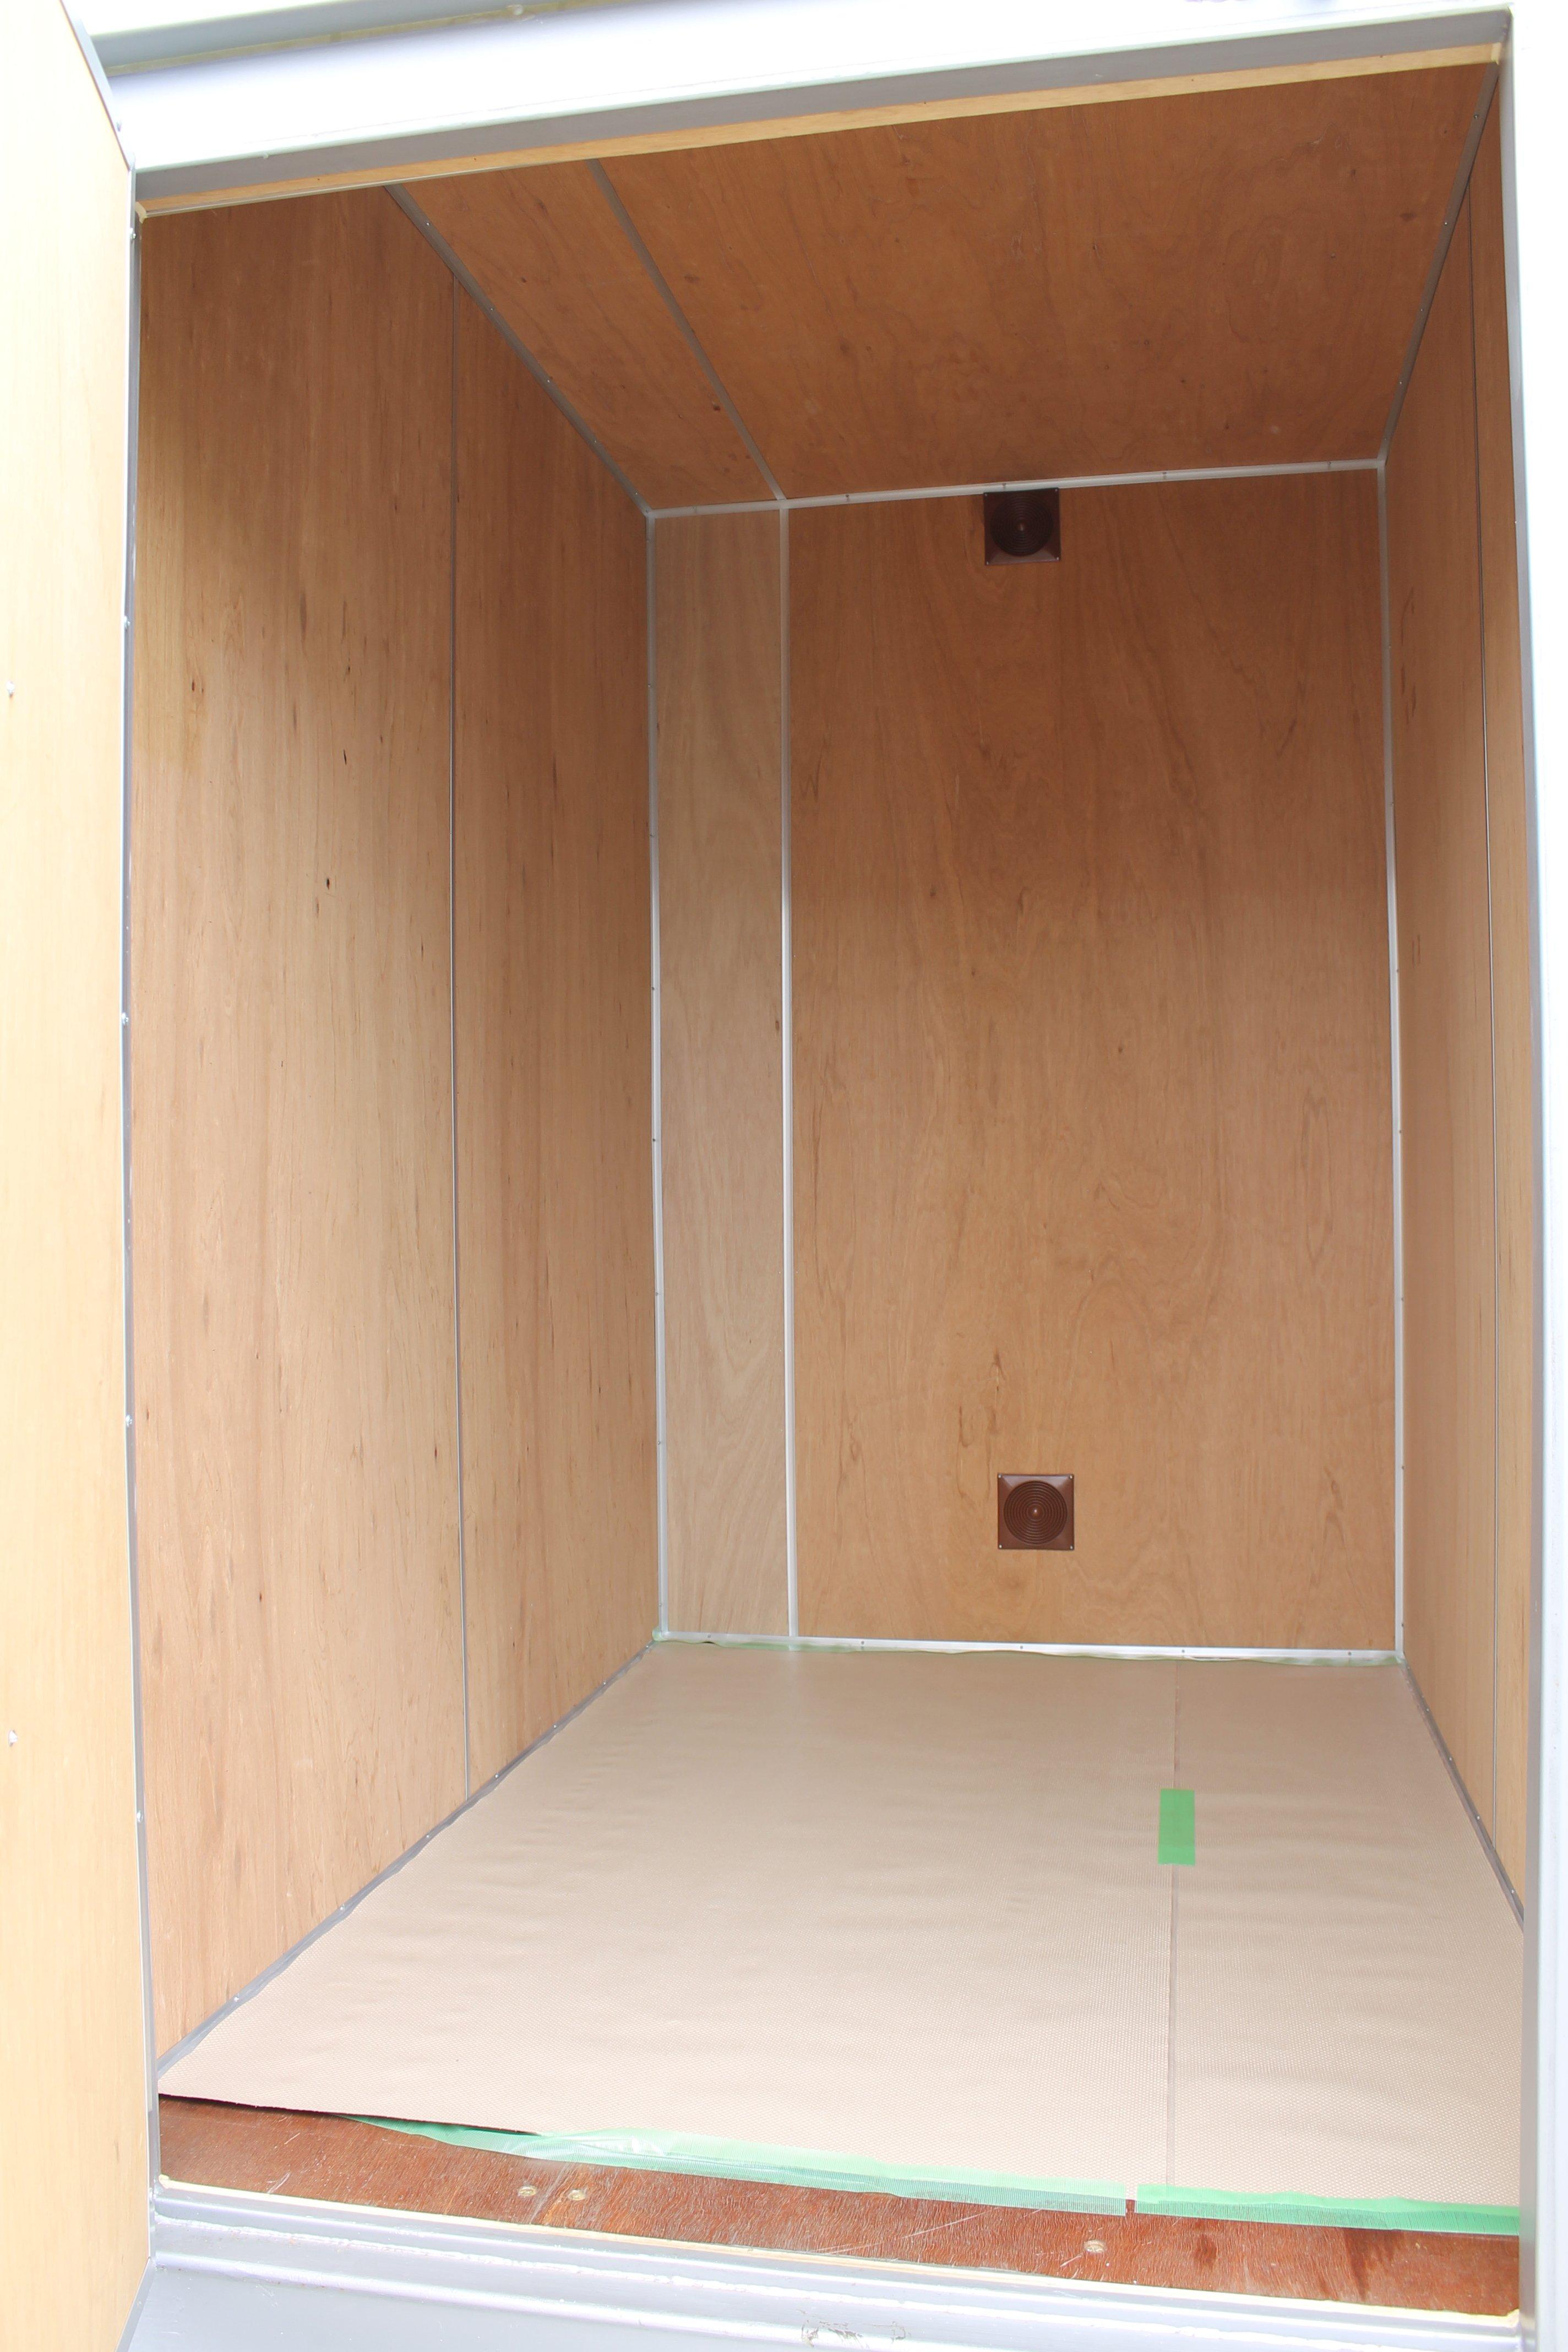 【現地払い又はお振込み専用】狭山市上赤坂タウンボックス4ドア(2帖)タイプ 1ケ月分(レンタルボックス・トランクルーム・貸し倉庫・コンテナ・収納)のイメージその4